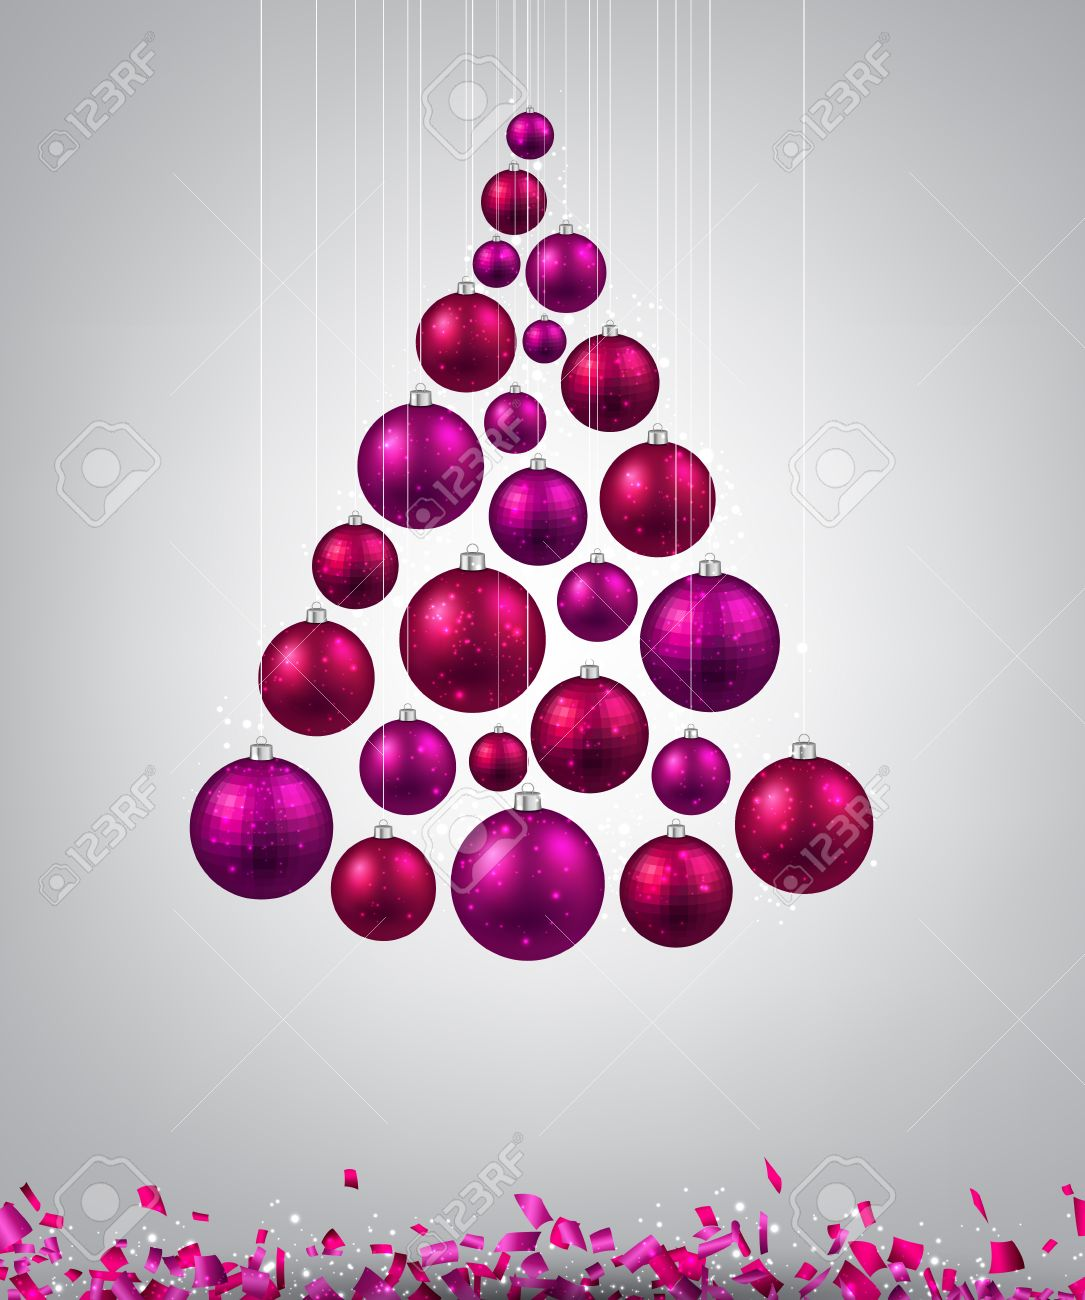 foto de archivo rbol de navidad con bolas de navidad de color magenta ilustracin del vector